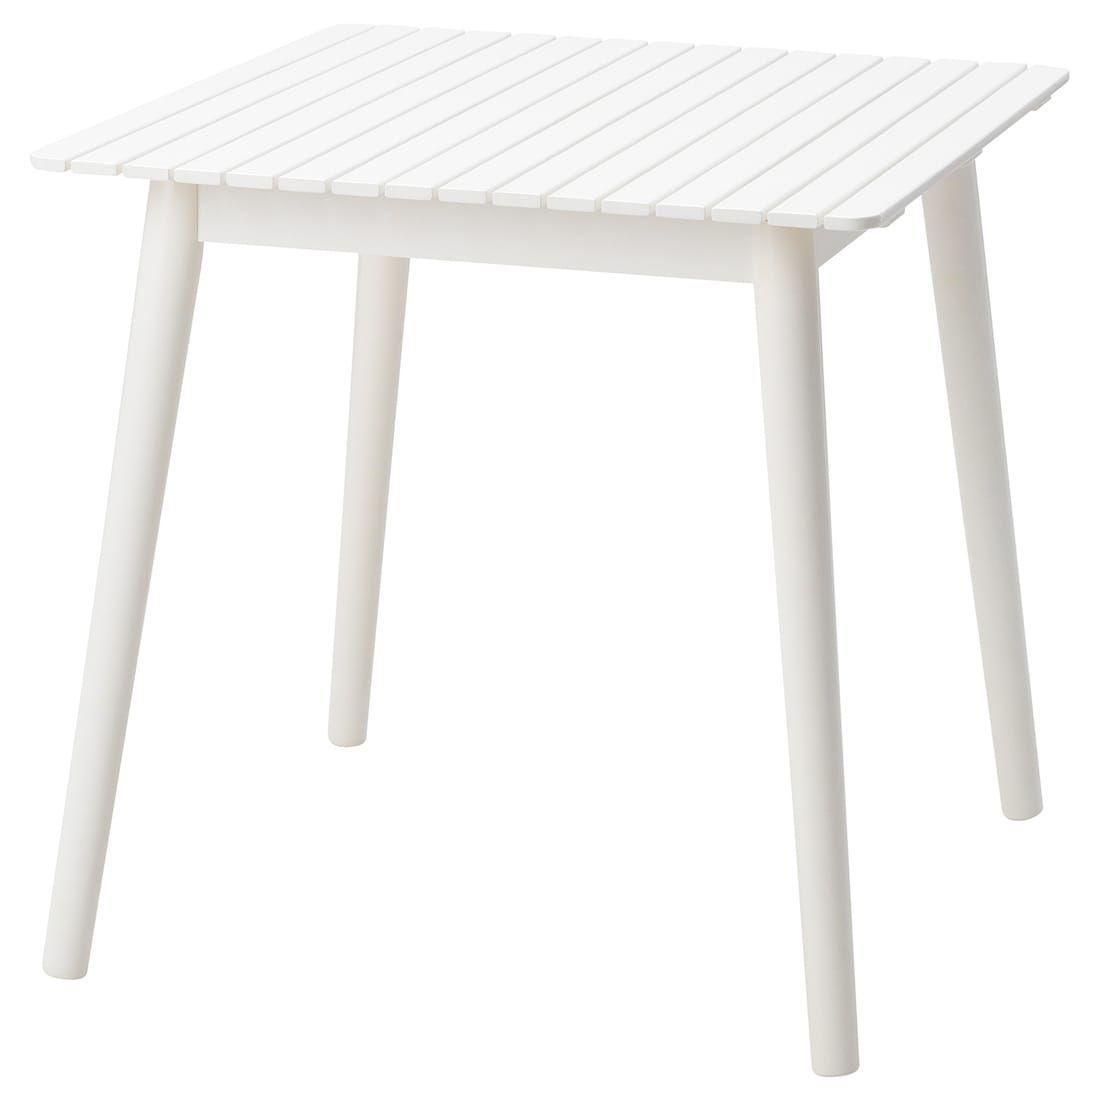 Full Size of Ikea Gartentisch Hattholmen Tisch Auen Eukalyptus Küche Kaufen Miniküche Kosten Sofa Mit Schlaffunktion Modulküche Betten 160x200 Bei Wohnzimmer Ikea Gartentisch